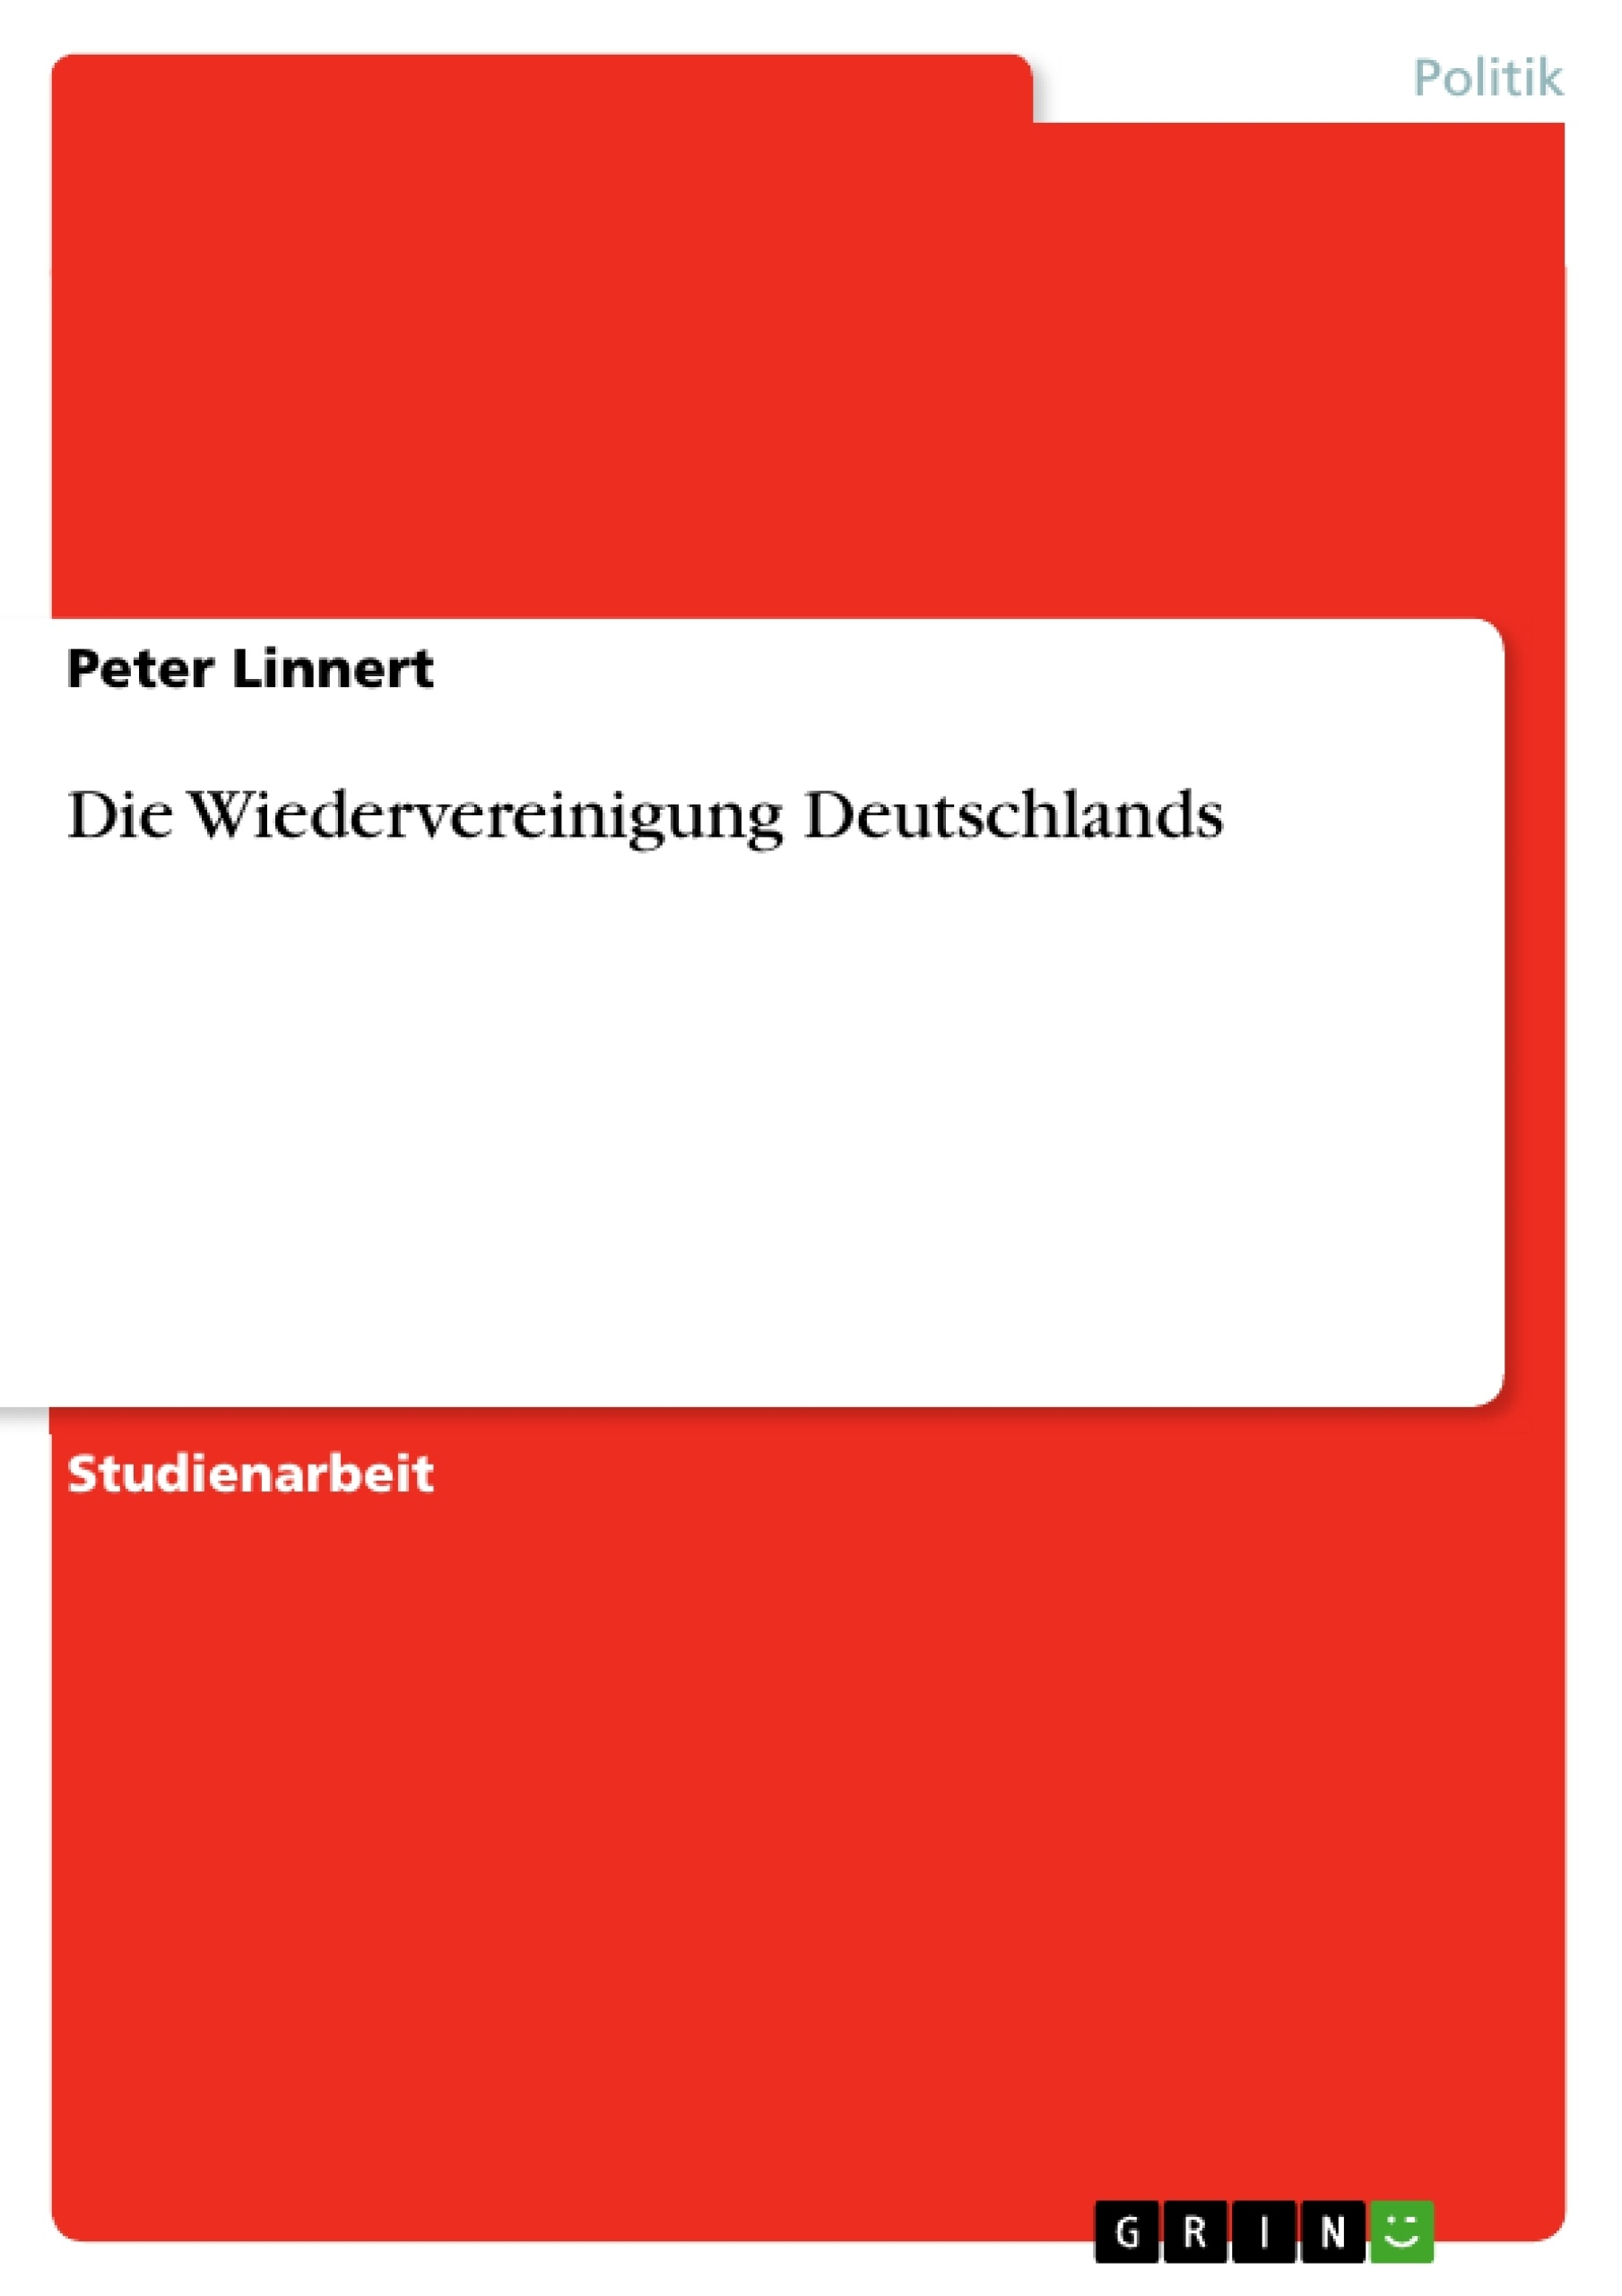 Titel: Die Wiedervereinigung Deutschlands